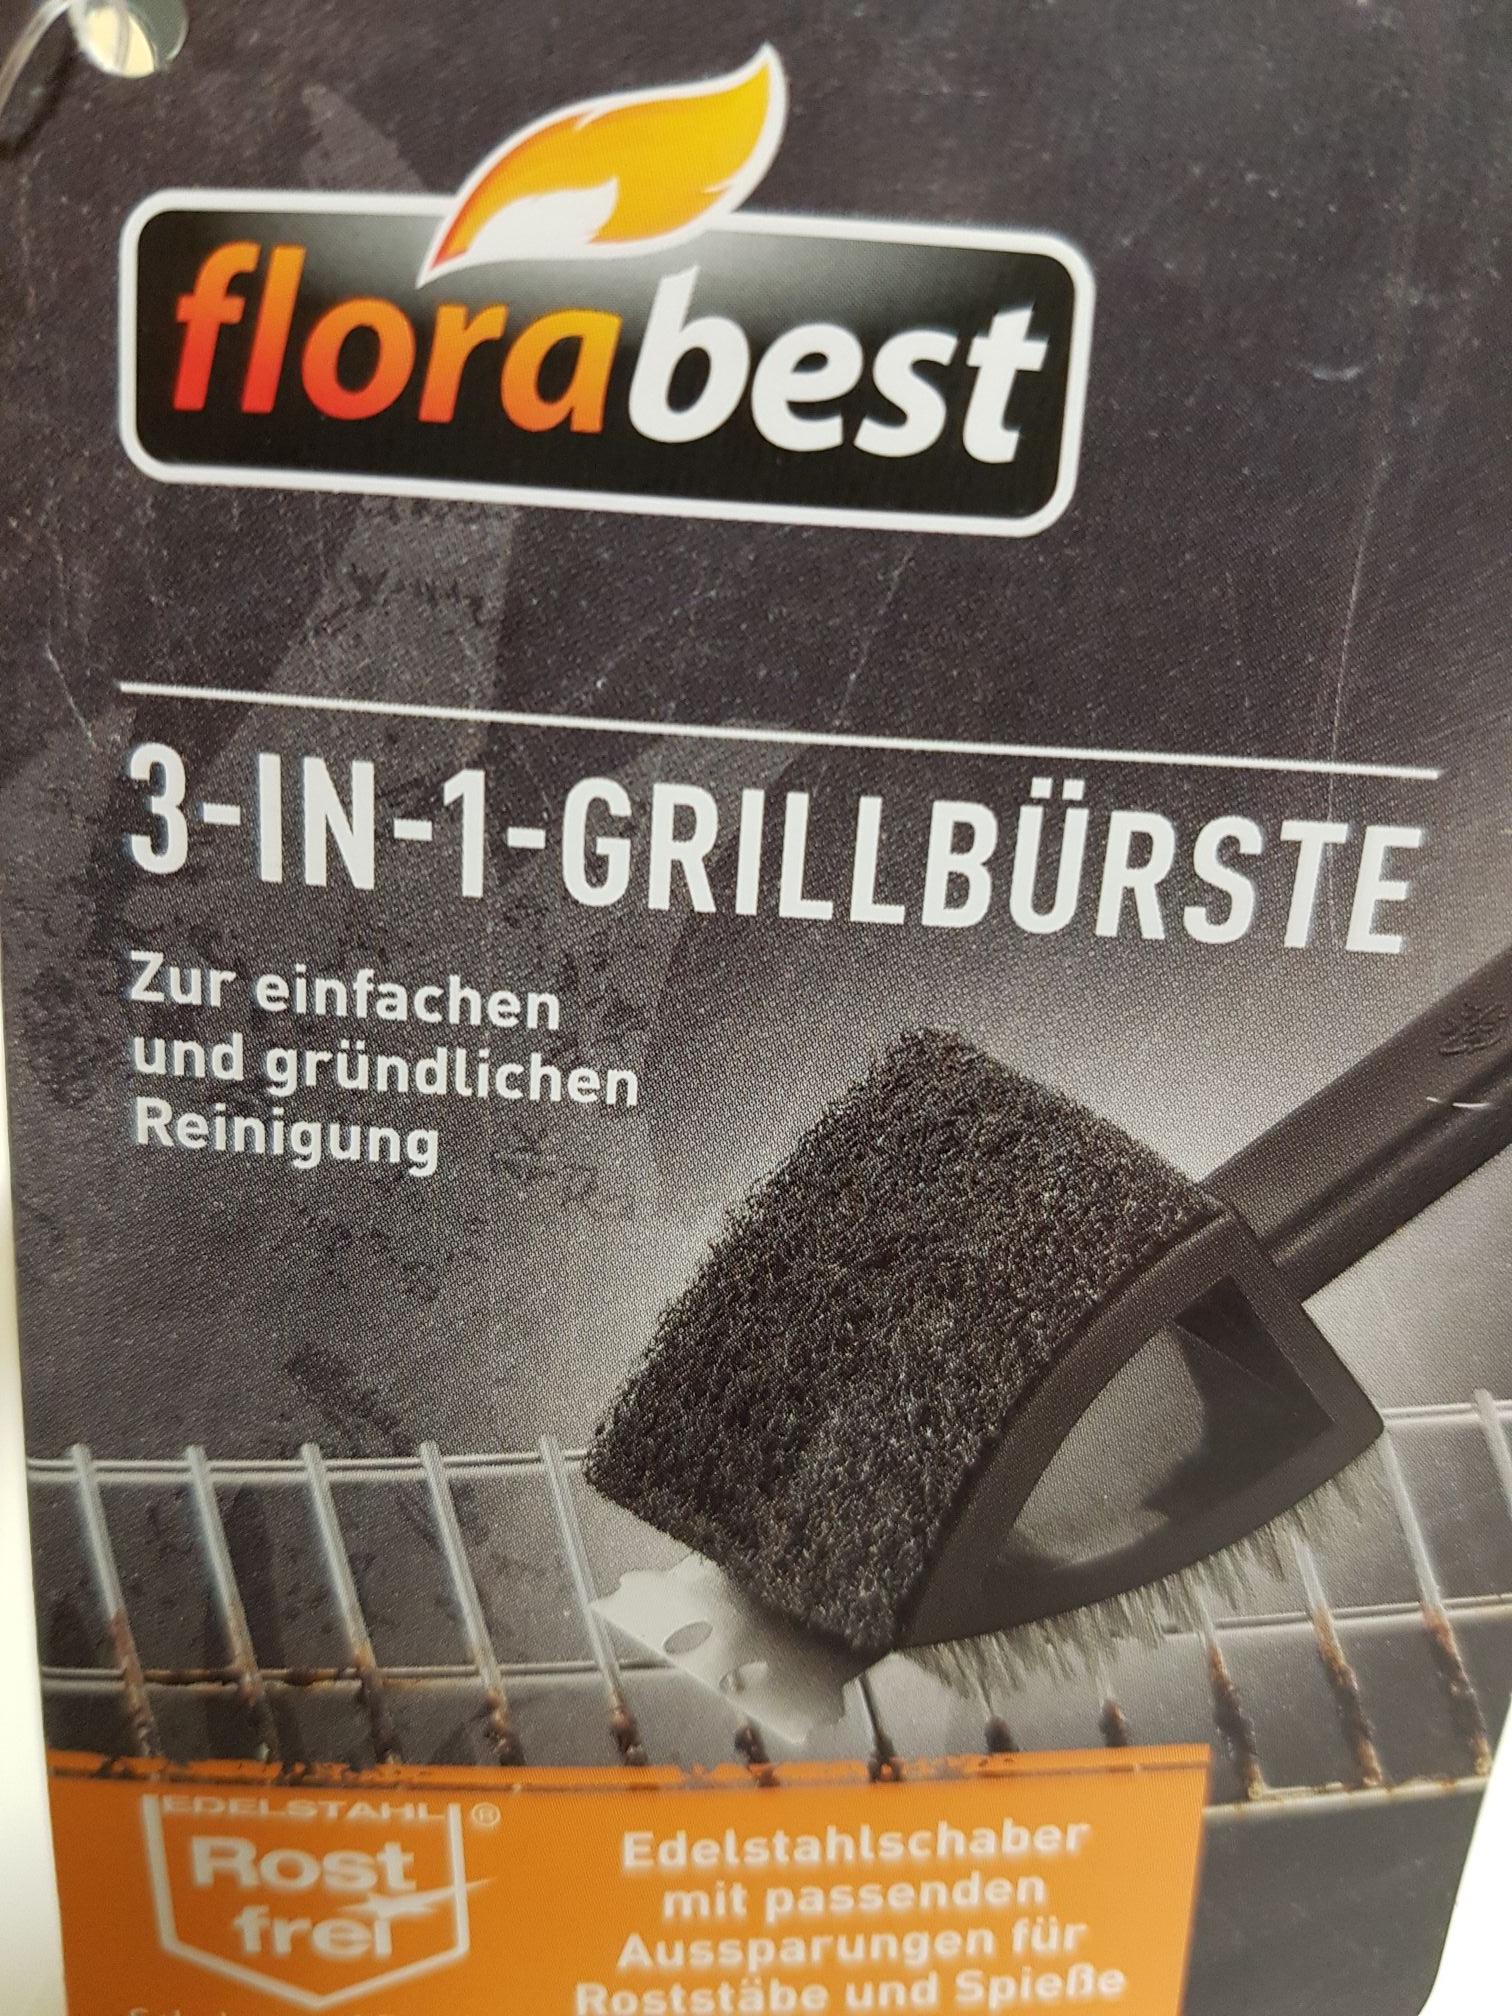 Lidl Grill Bürste 3 in 1 offline